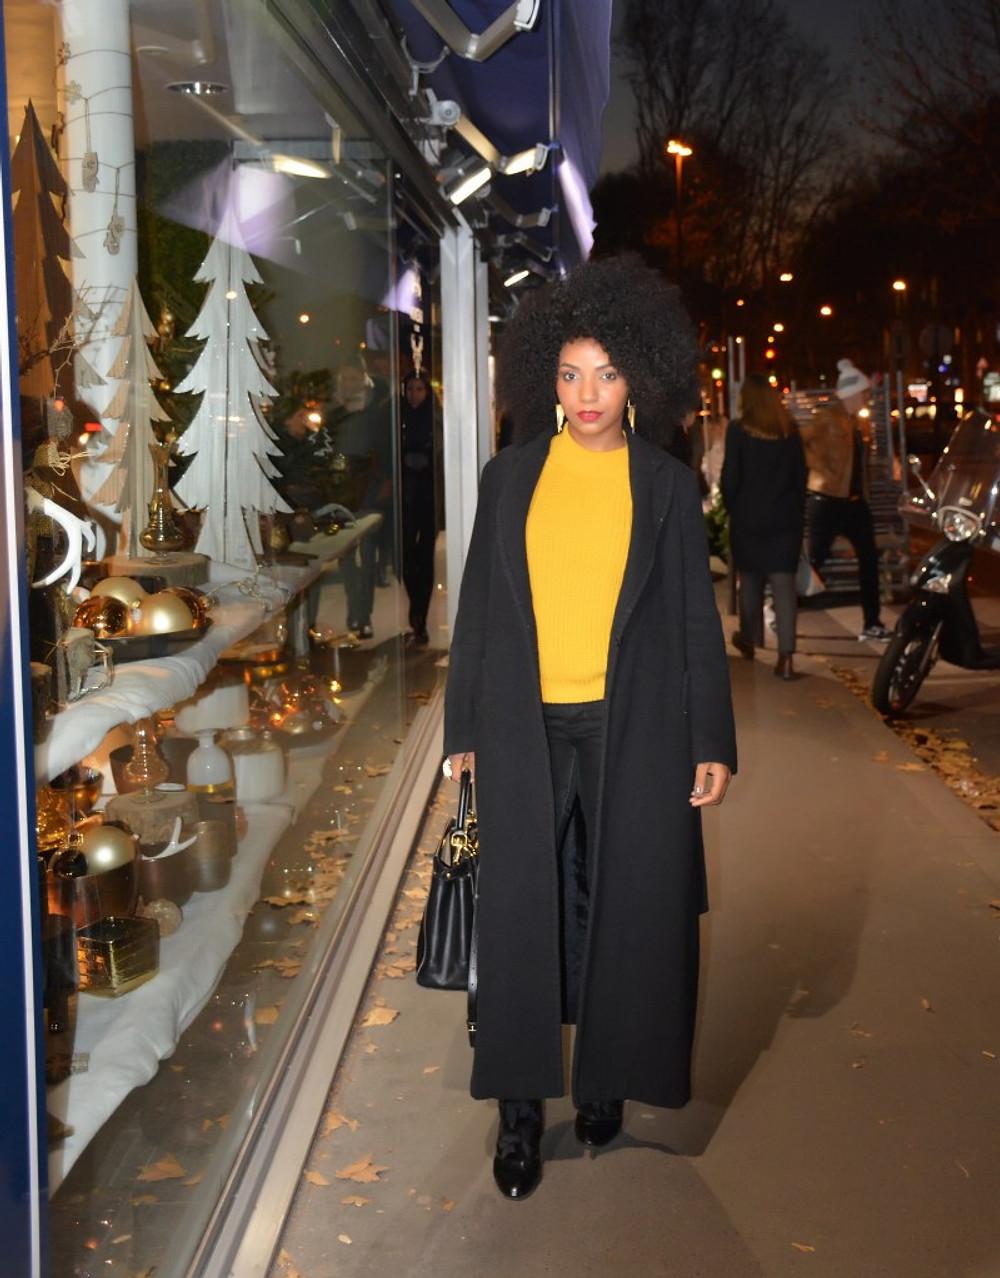 """- Perruque Afro de chez Divador (29 boulevard de Courcelles 75008) - Long manteau piqué à ma mère (elle vit en Afrique, elle n'avait qu'à pas l'oublier à Paris). - Top jaune moutarde de chez Boohoo (il n'existe plus en ma couleur mais vous trouverez vôtre bonheur ICI ou ICI) ps : -50% sur l'intégralité du site cette semaine avec le code """"GREAT50"""". - Bottes en cuir vernis de chez Louis Vuitton.- Perruque Afro de chez Divador (29 boulevard de Courcelles 75008) - Sac à main Peekaboo de Fendi"""